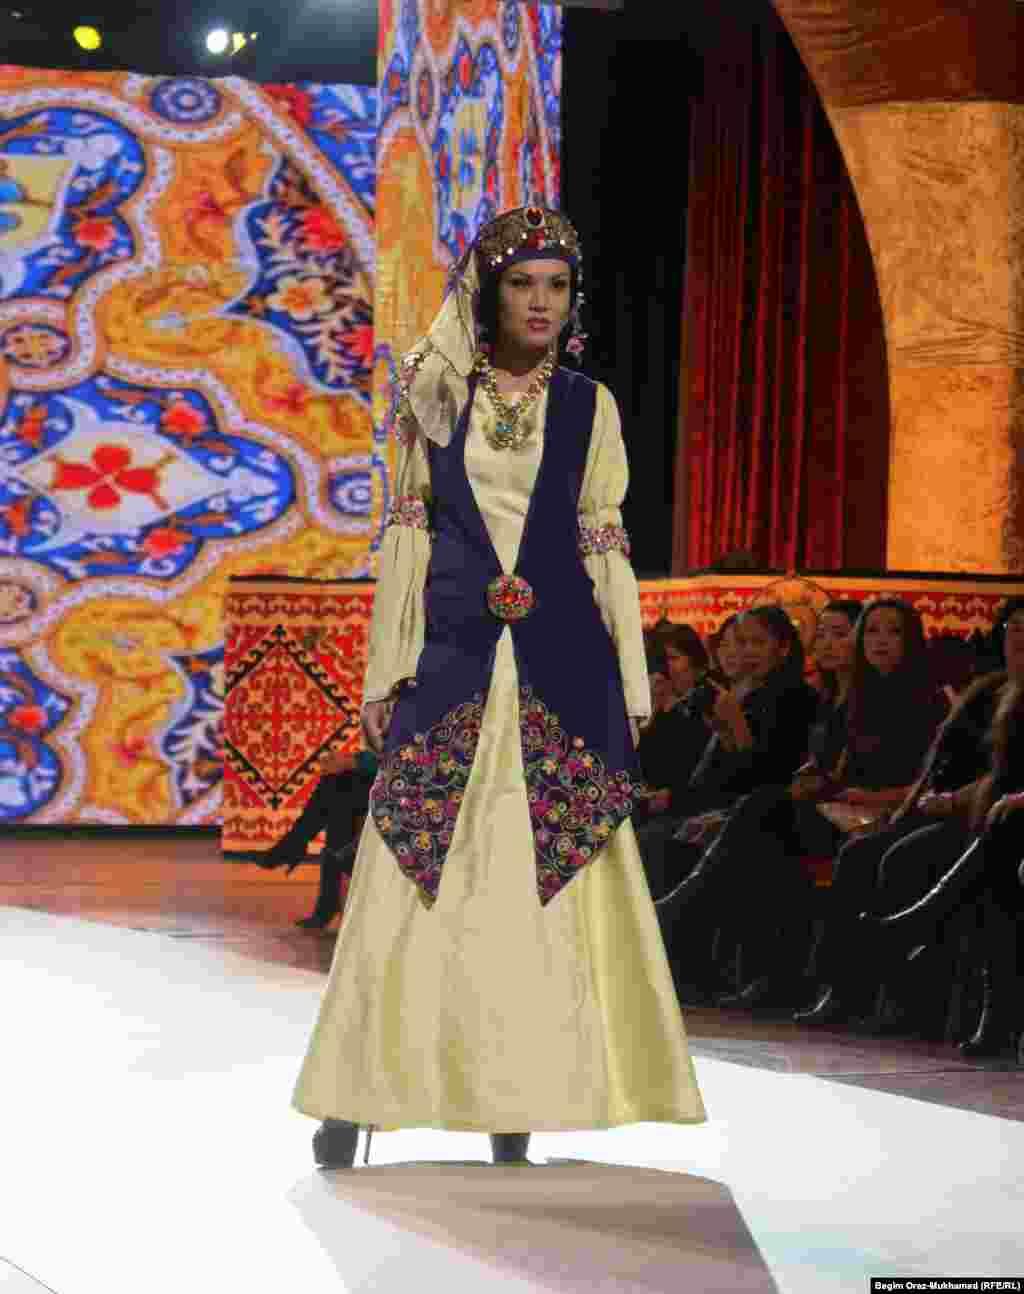 Показ национальной одежды на сцене фестиваля моды в Астане.